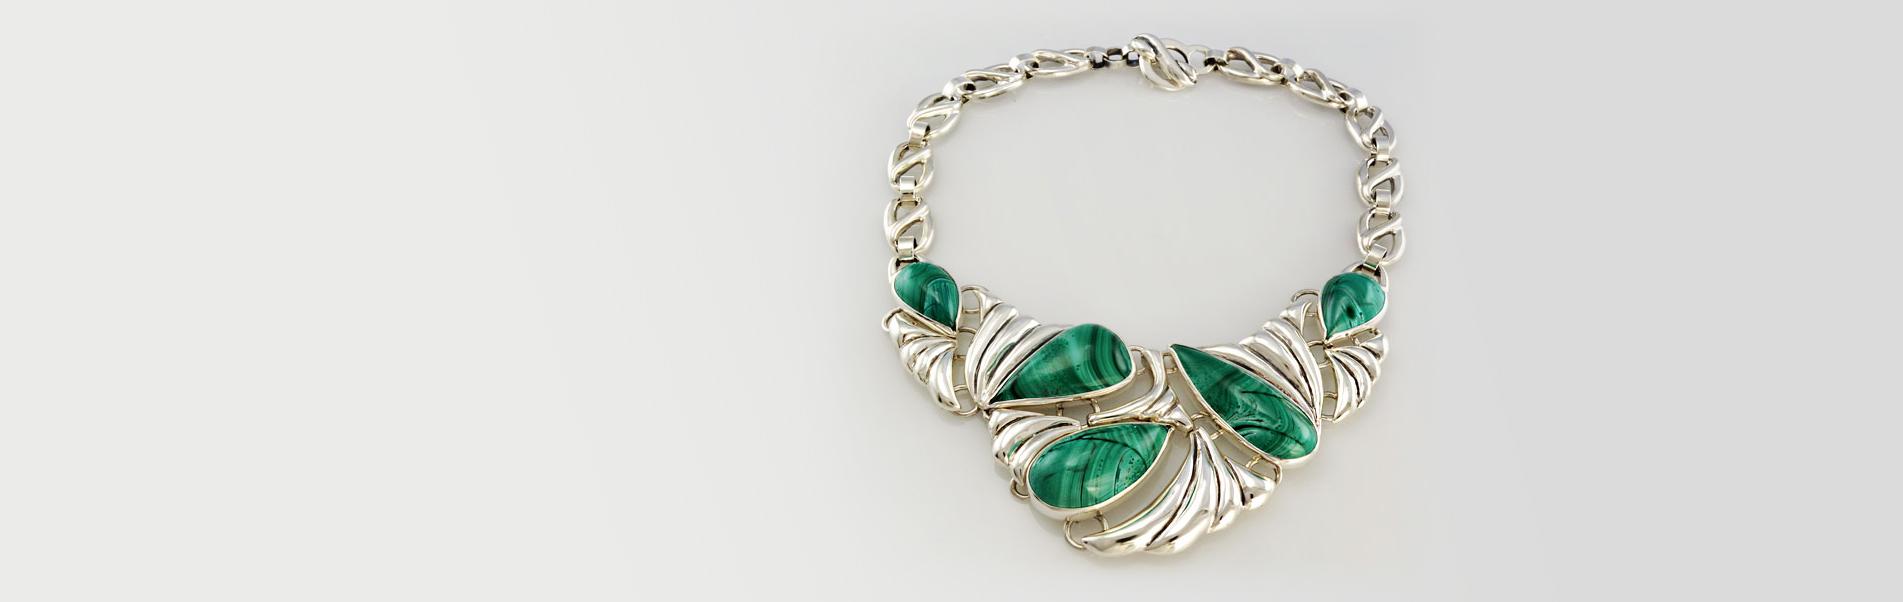 collar_piezas_unicas_costa_verde_imagen_1